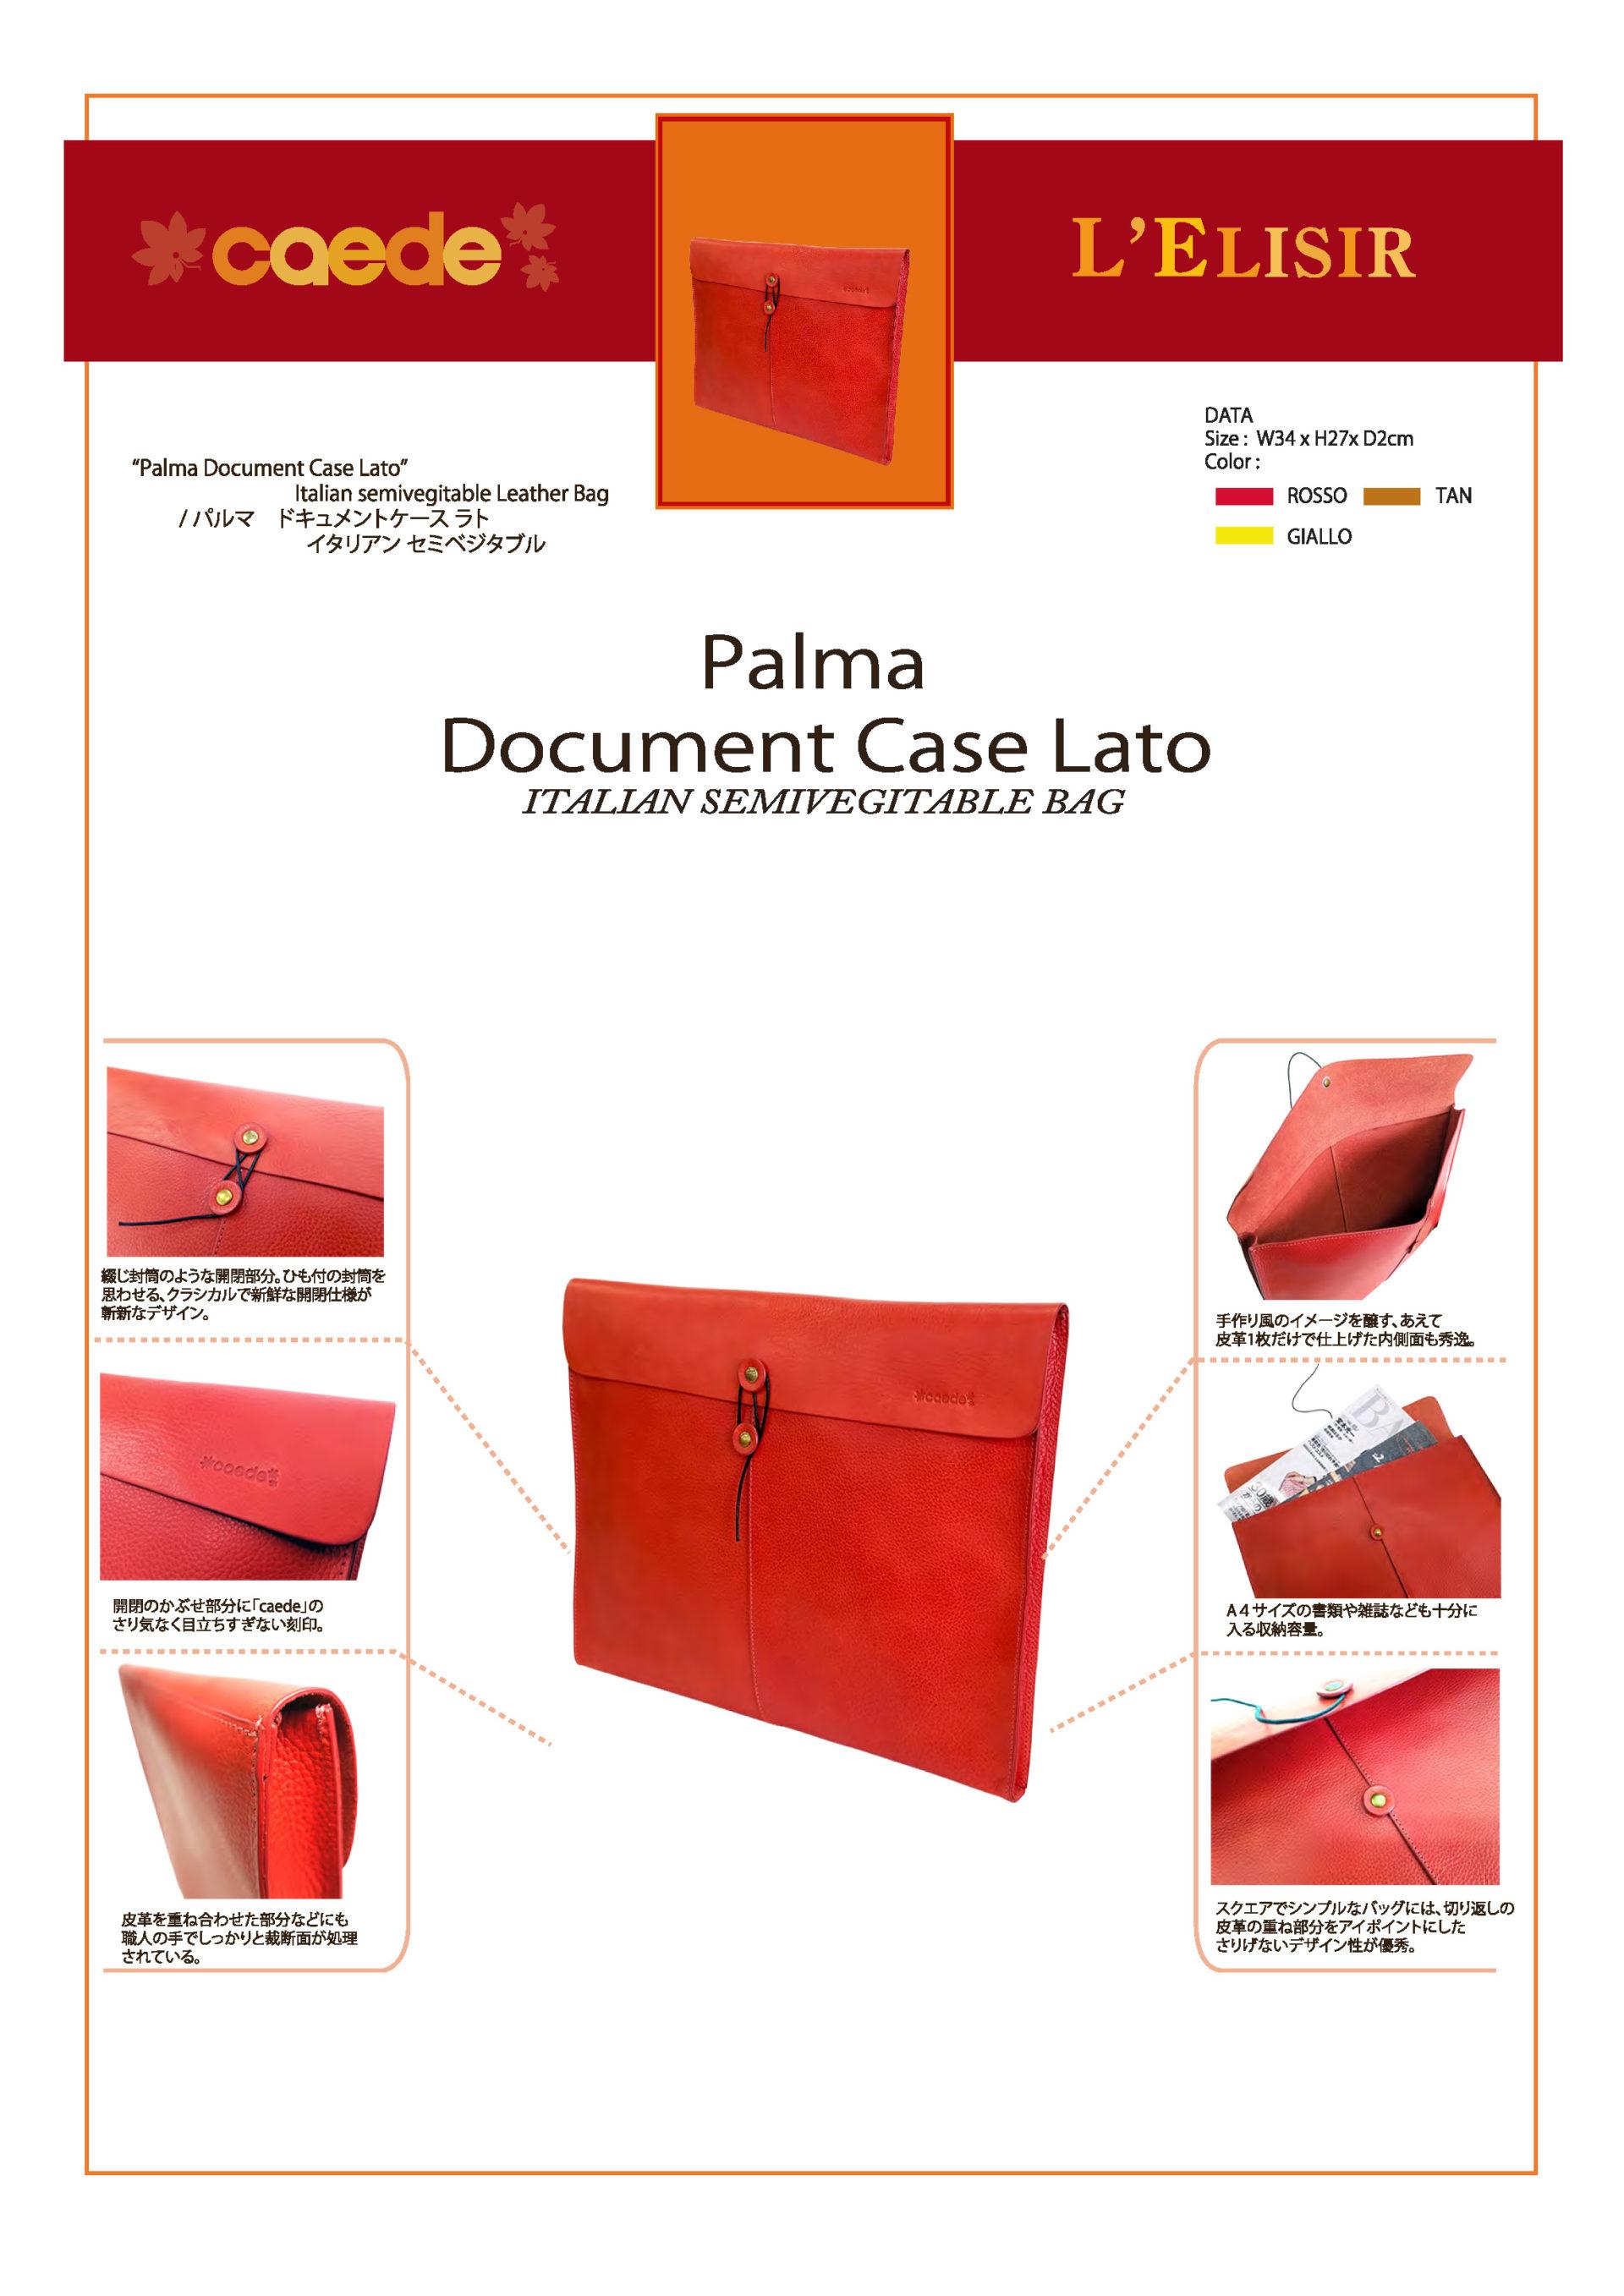 59532 palma document case lato